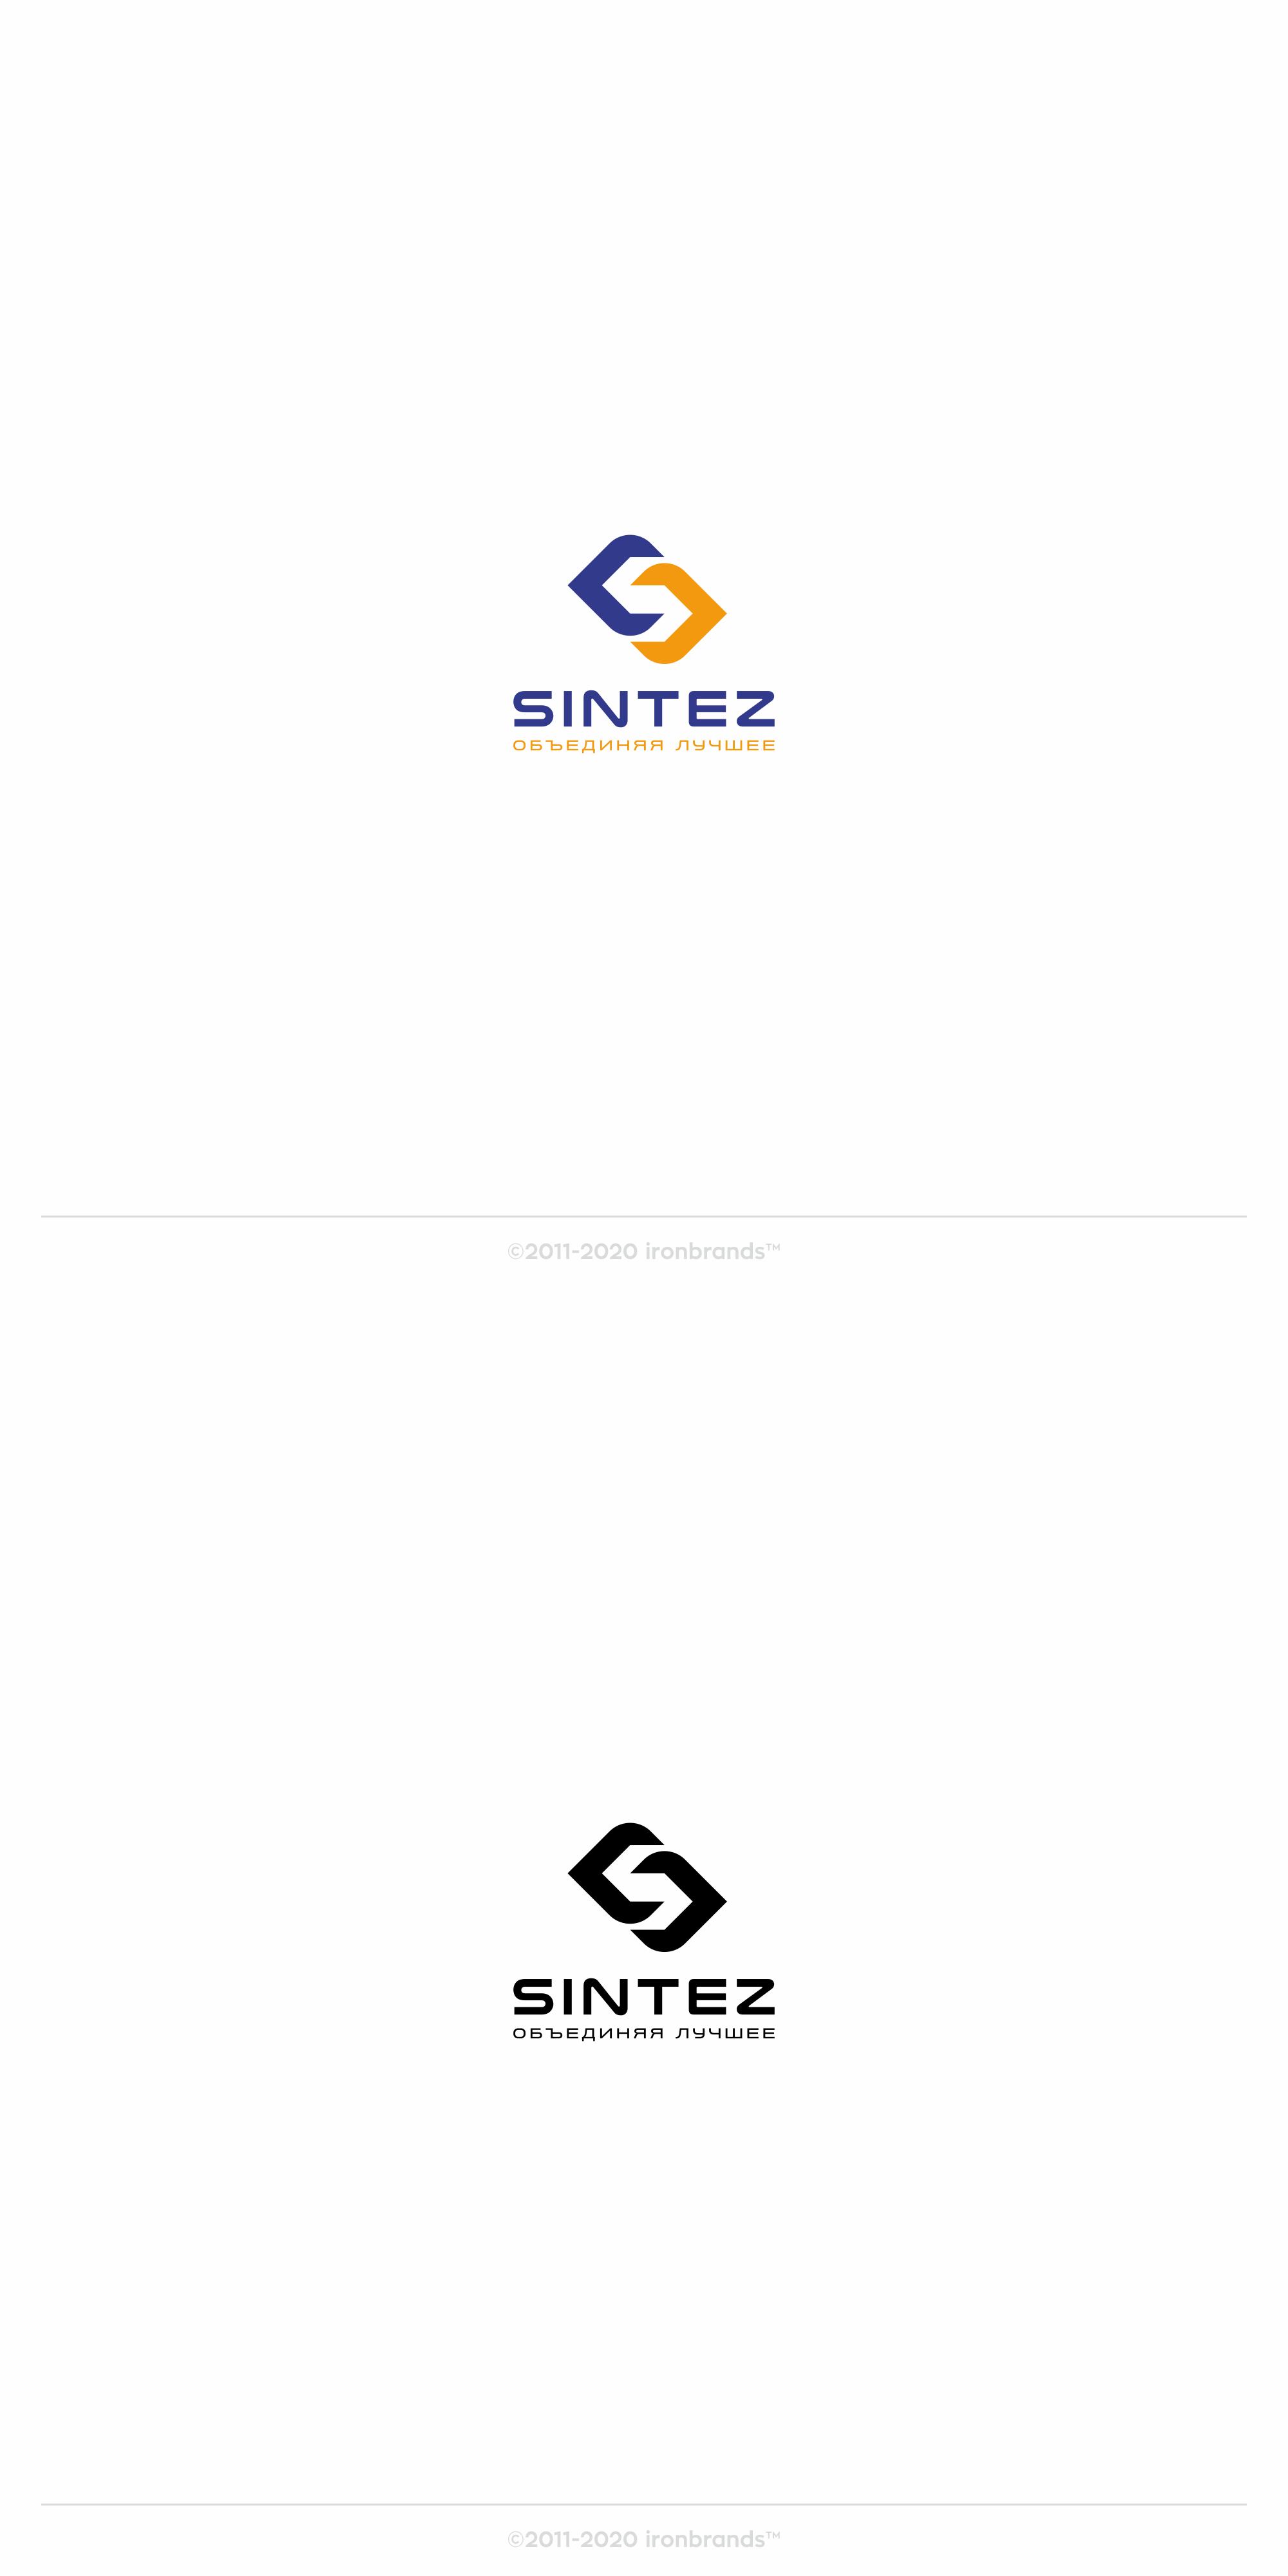 Разрабтка логотипа компании и фирменного шрифта фото f_2265f630fb0911f7.jpg